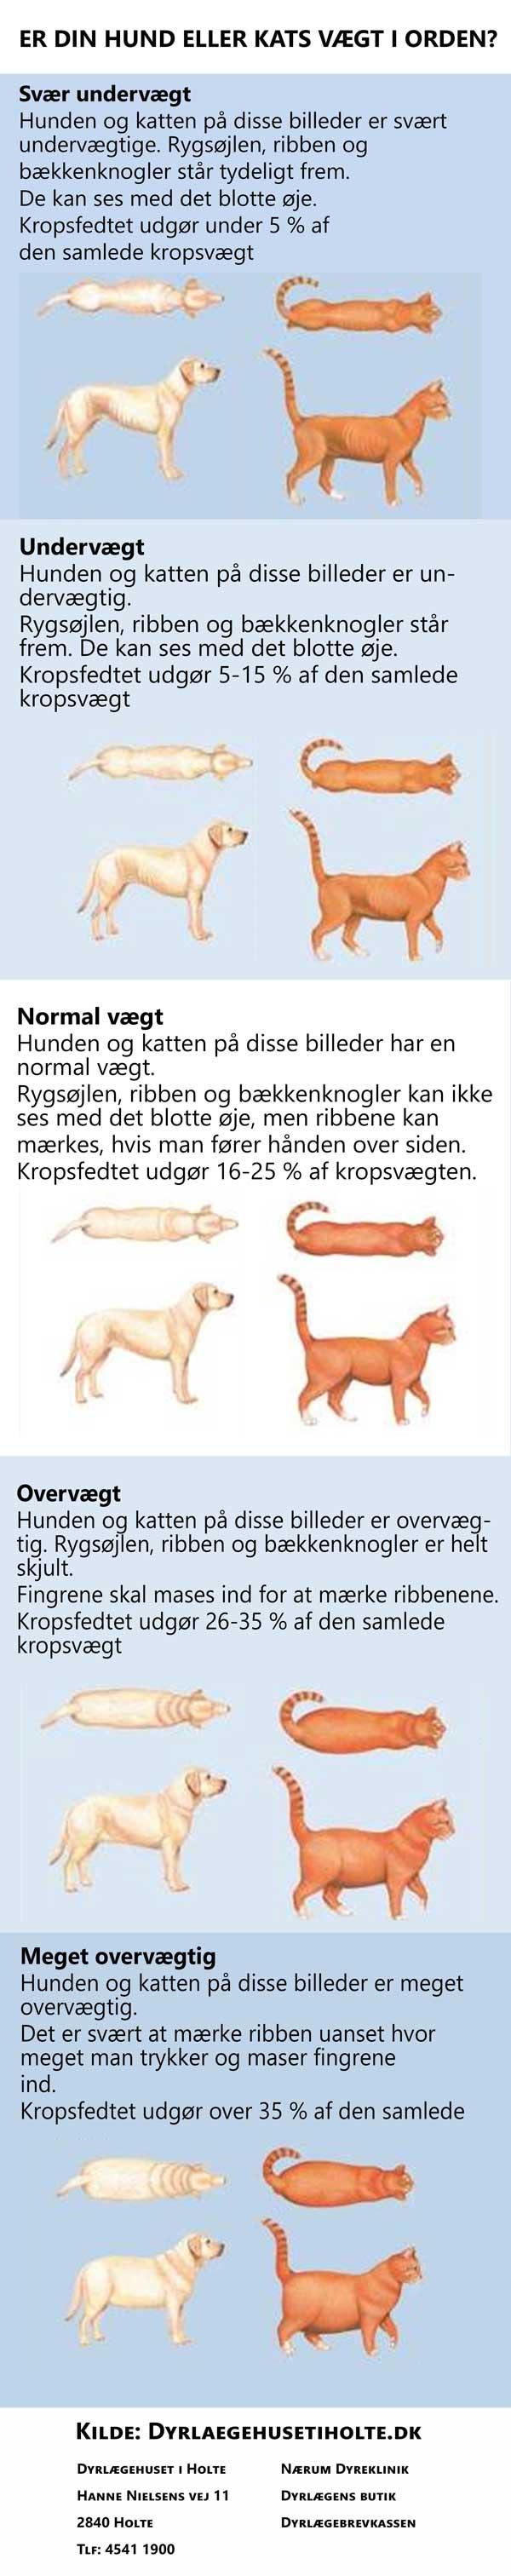 Er din hund eller kats vægt i orden?